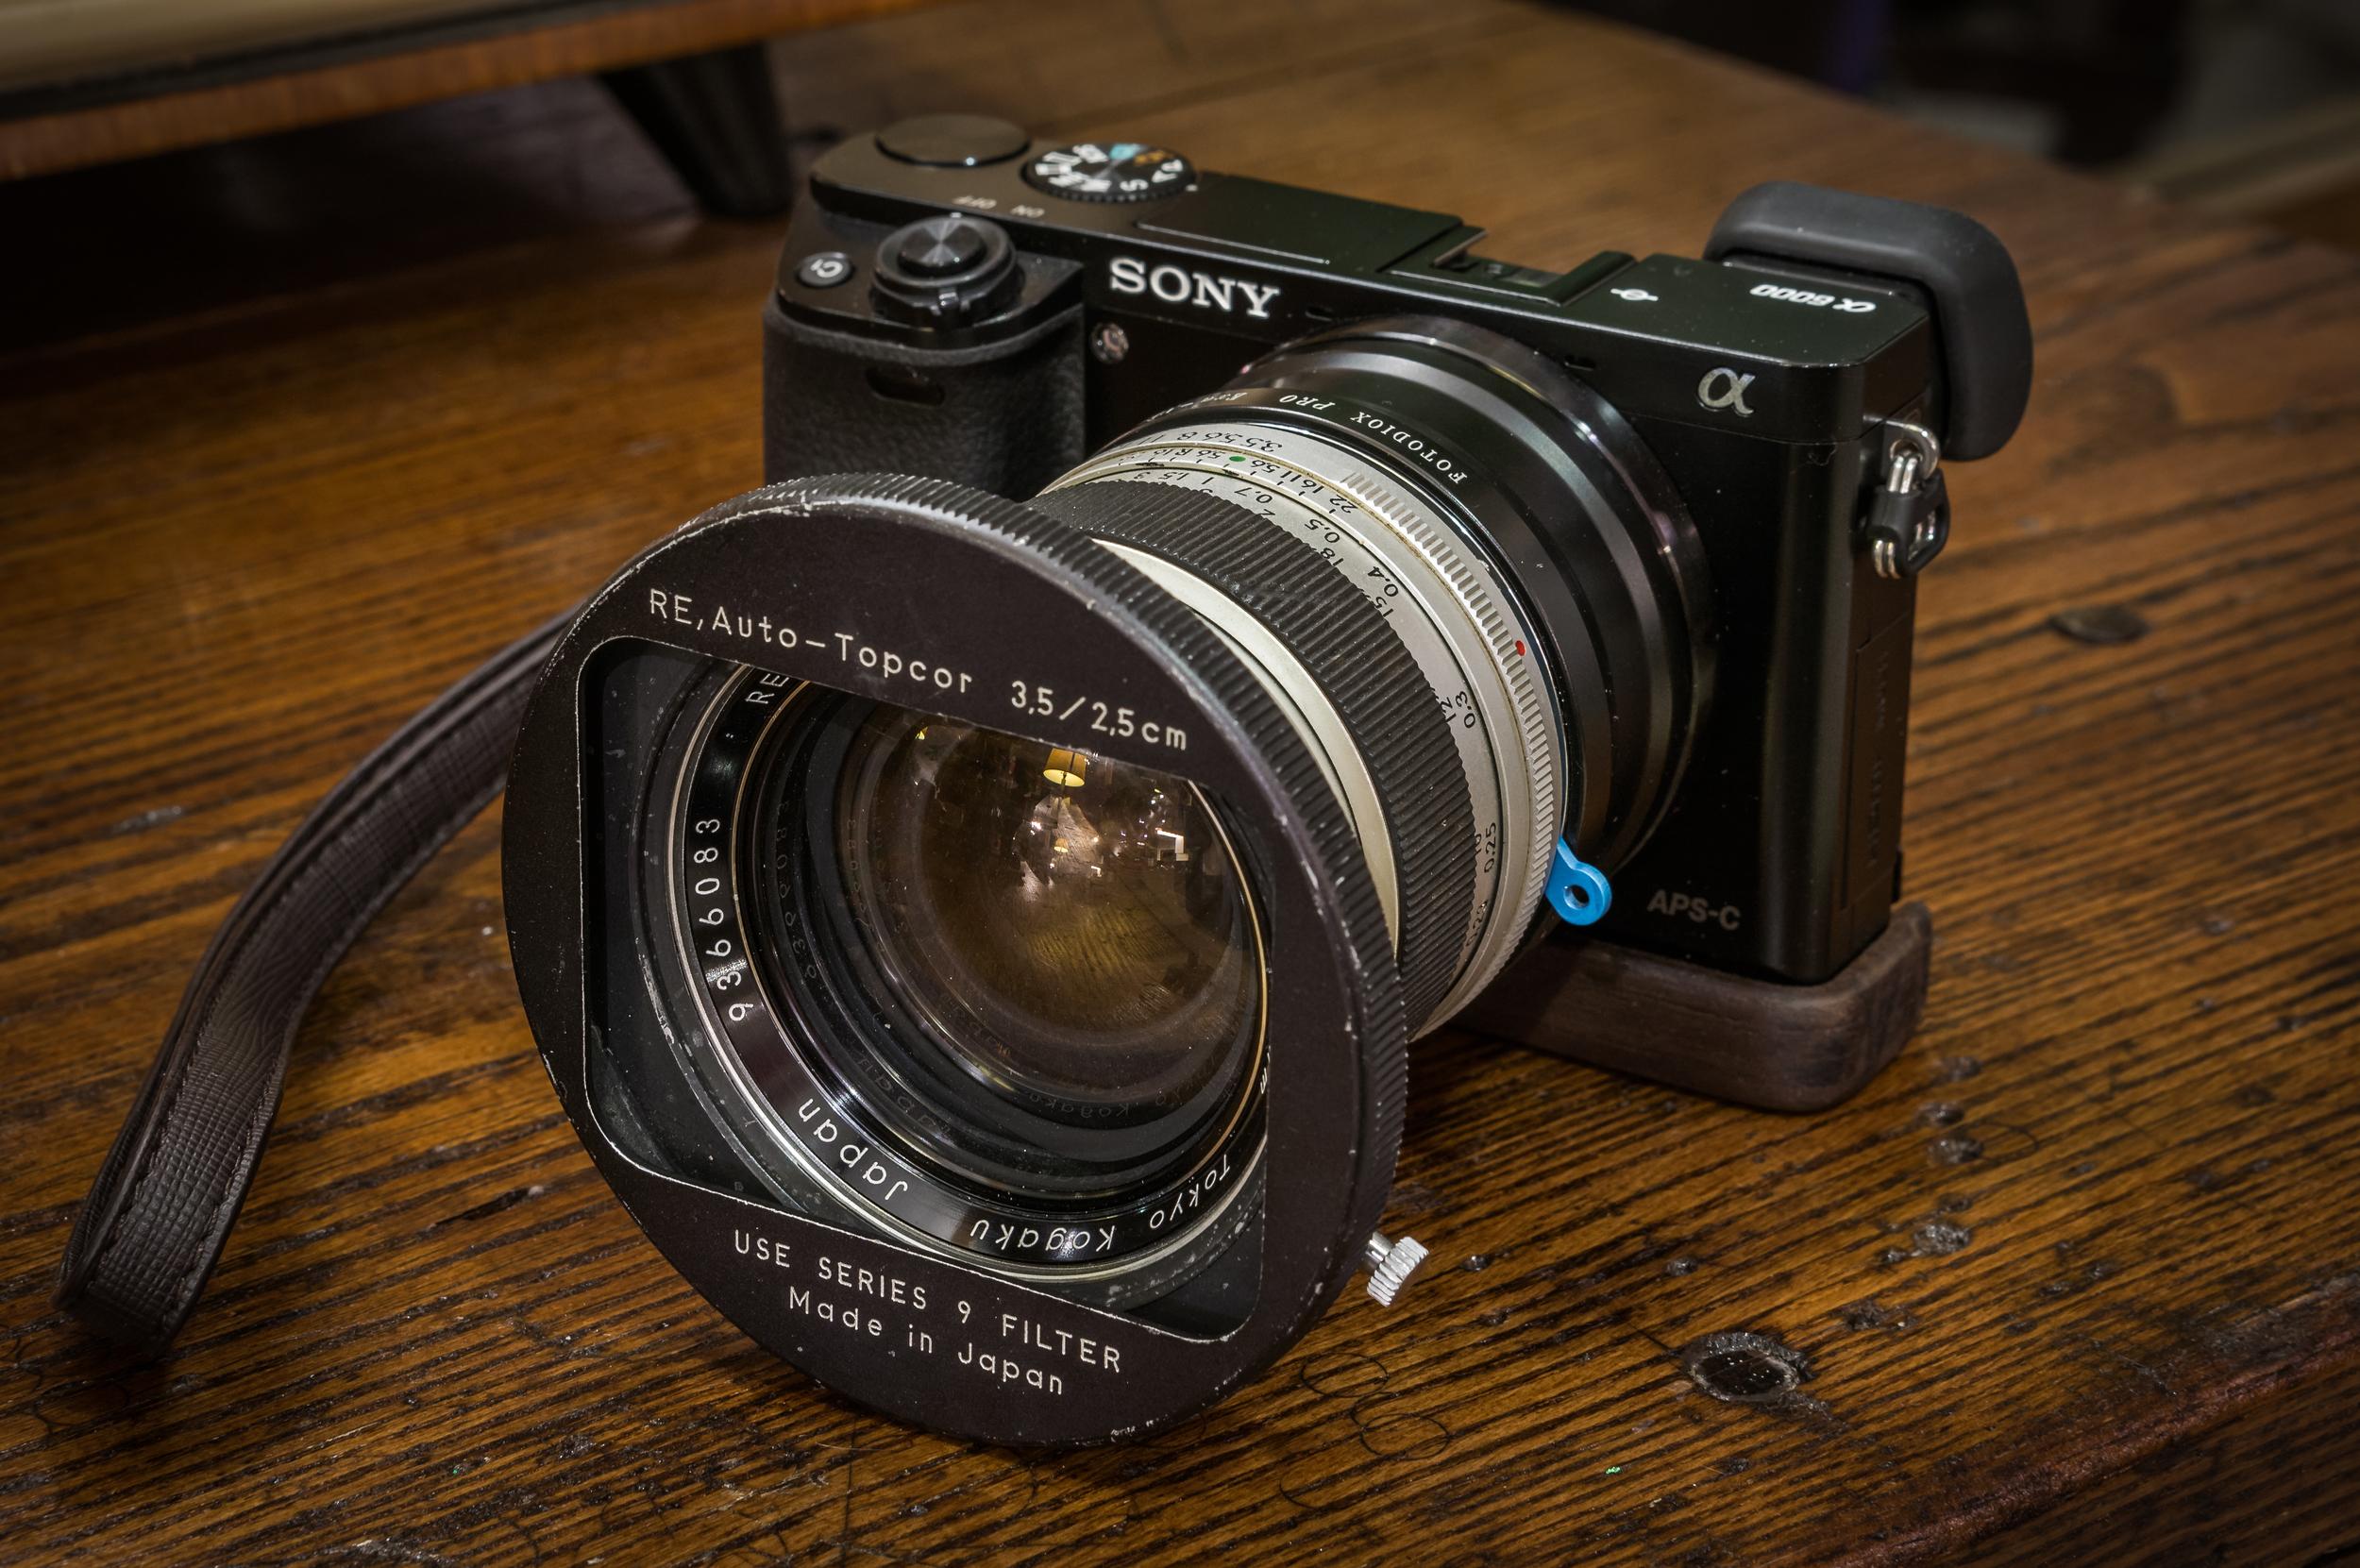 Topcon re. Auto-Topcor 35mm f3.5 vs, Sony a6000